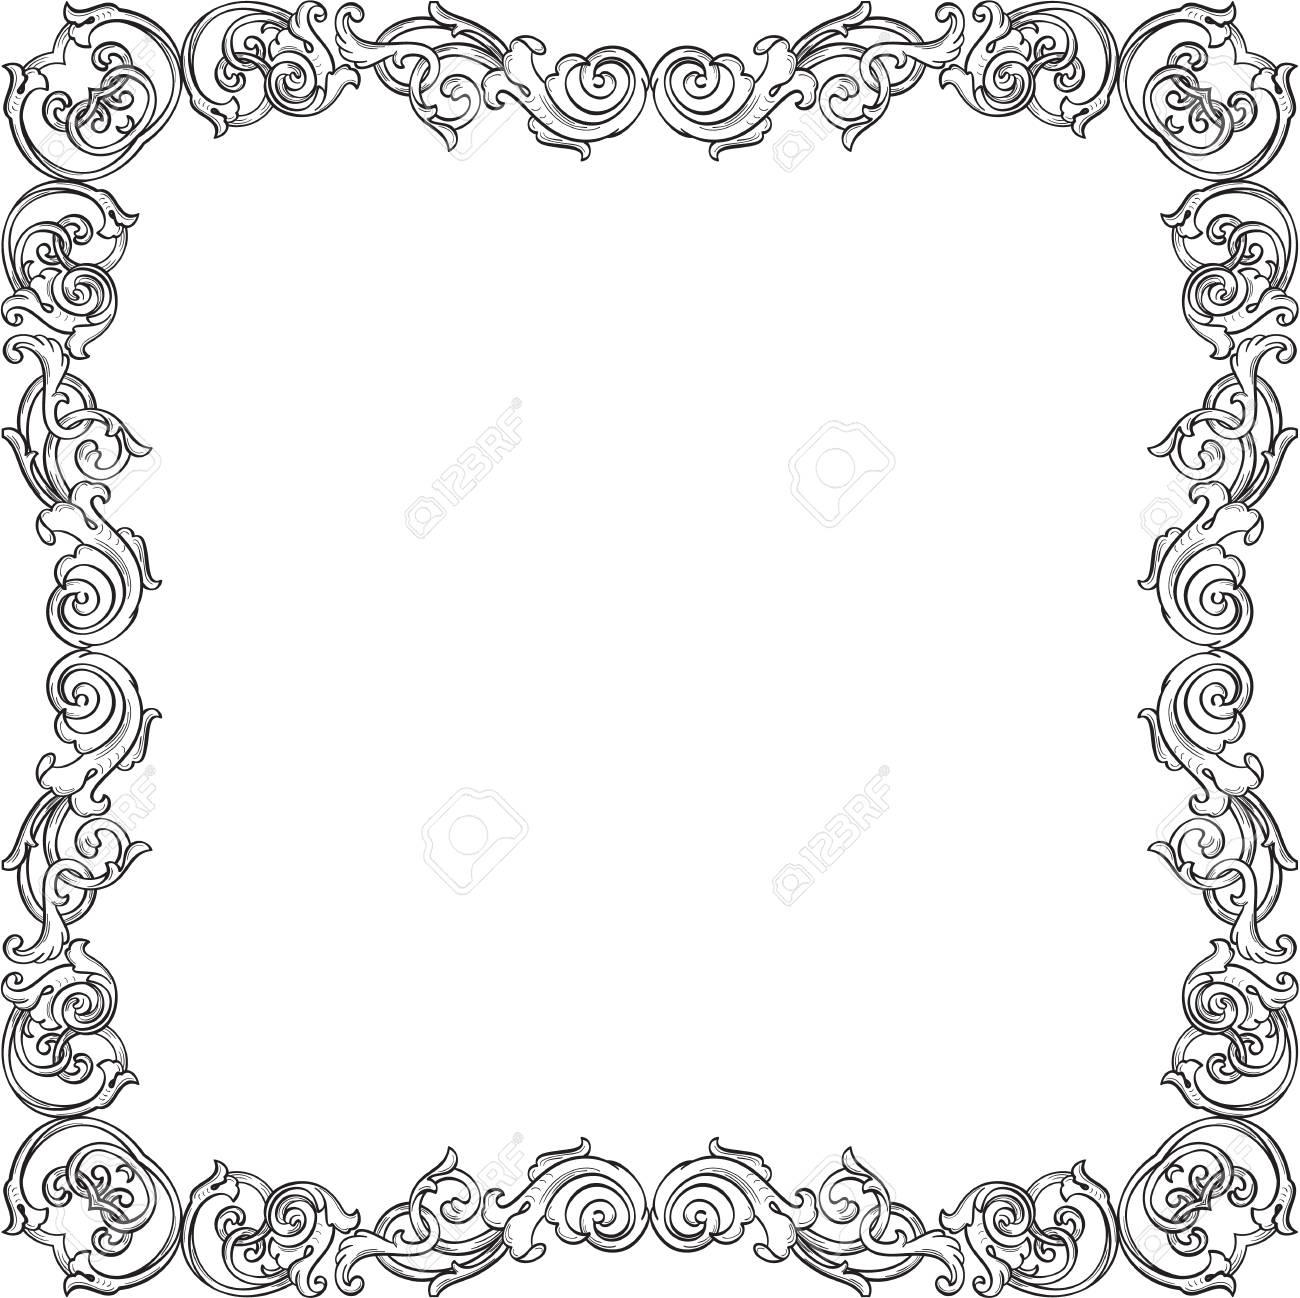 Großzügig Weiß Verzierter Bilderrahmen Galerie - Benutzerdefinierte ...